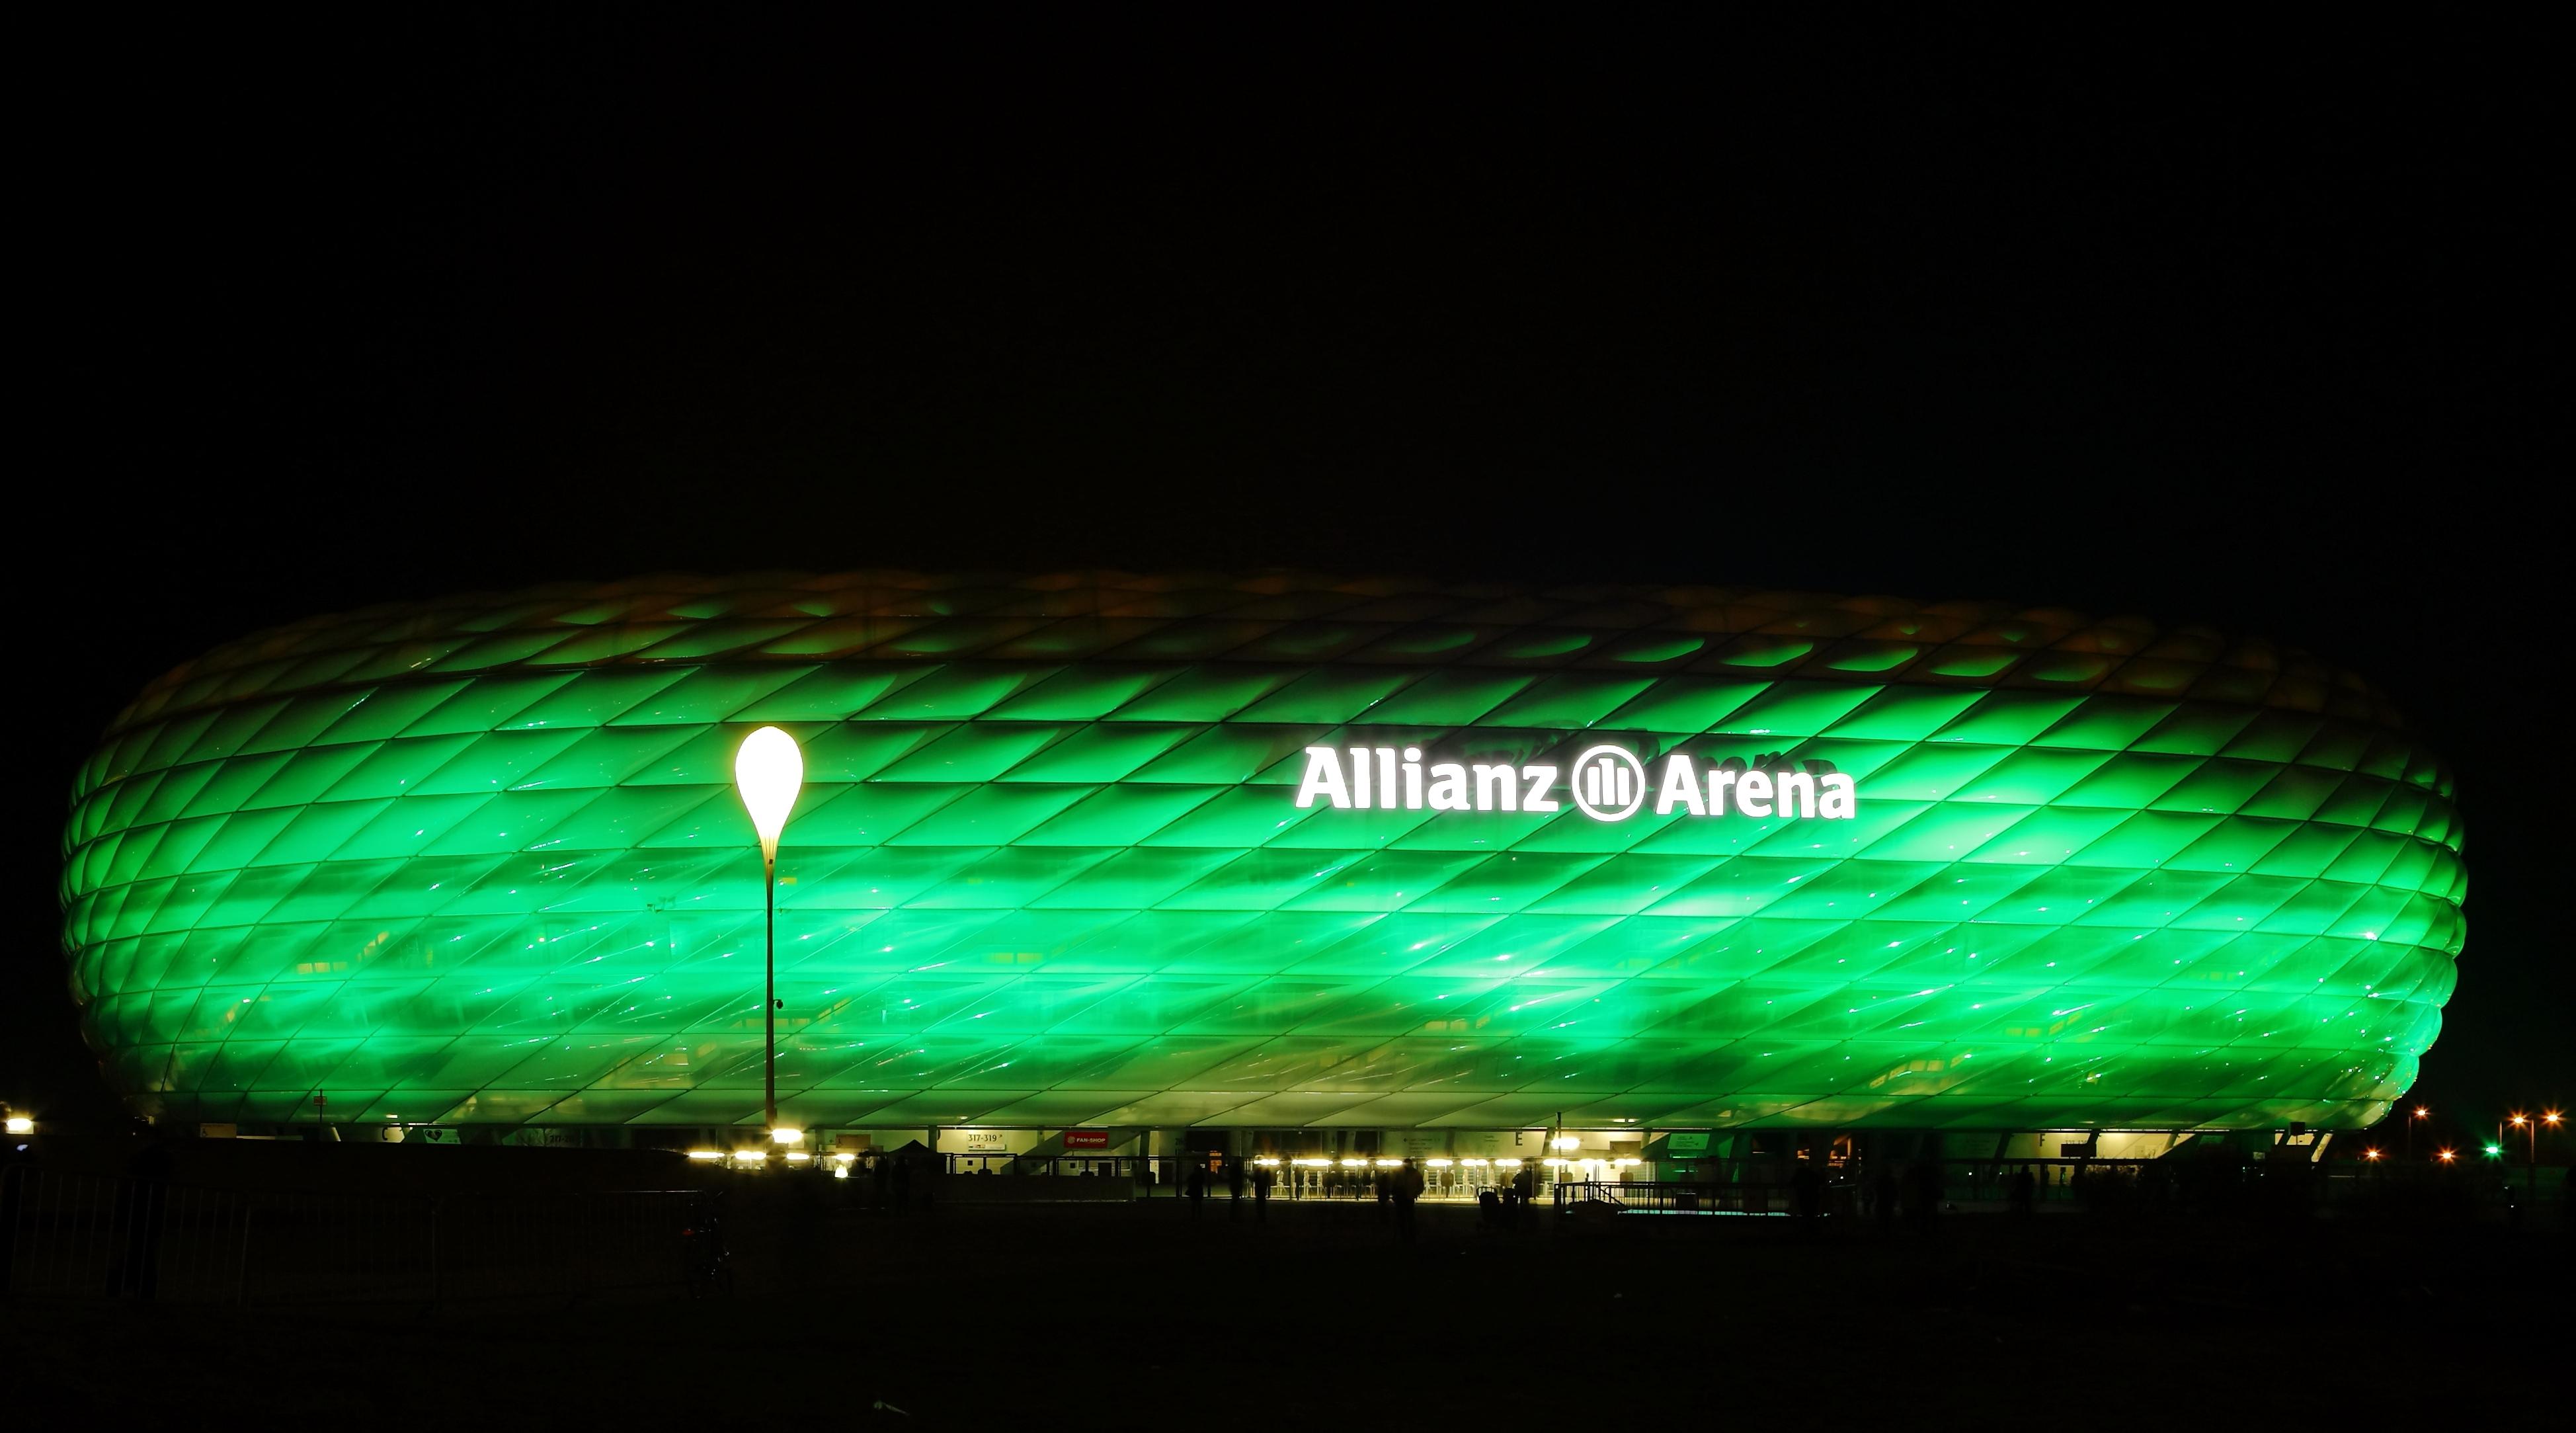 Allianz Arena – Wikipedia